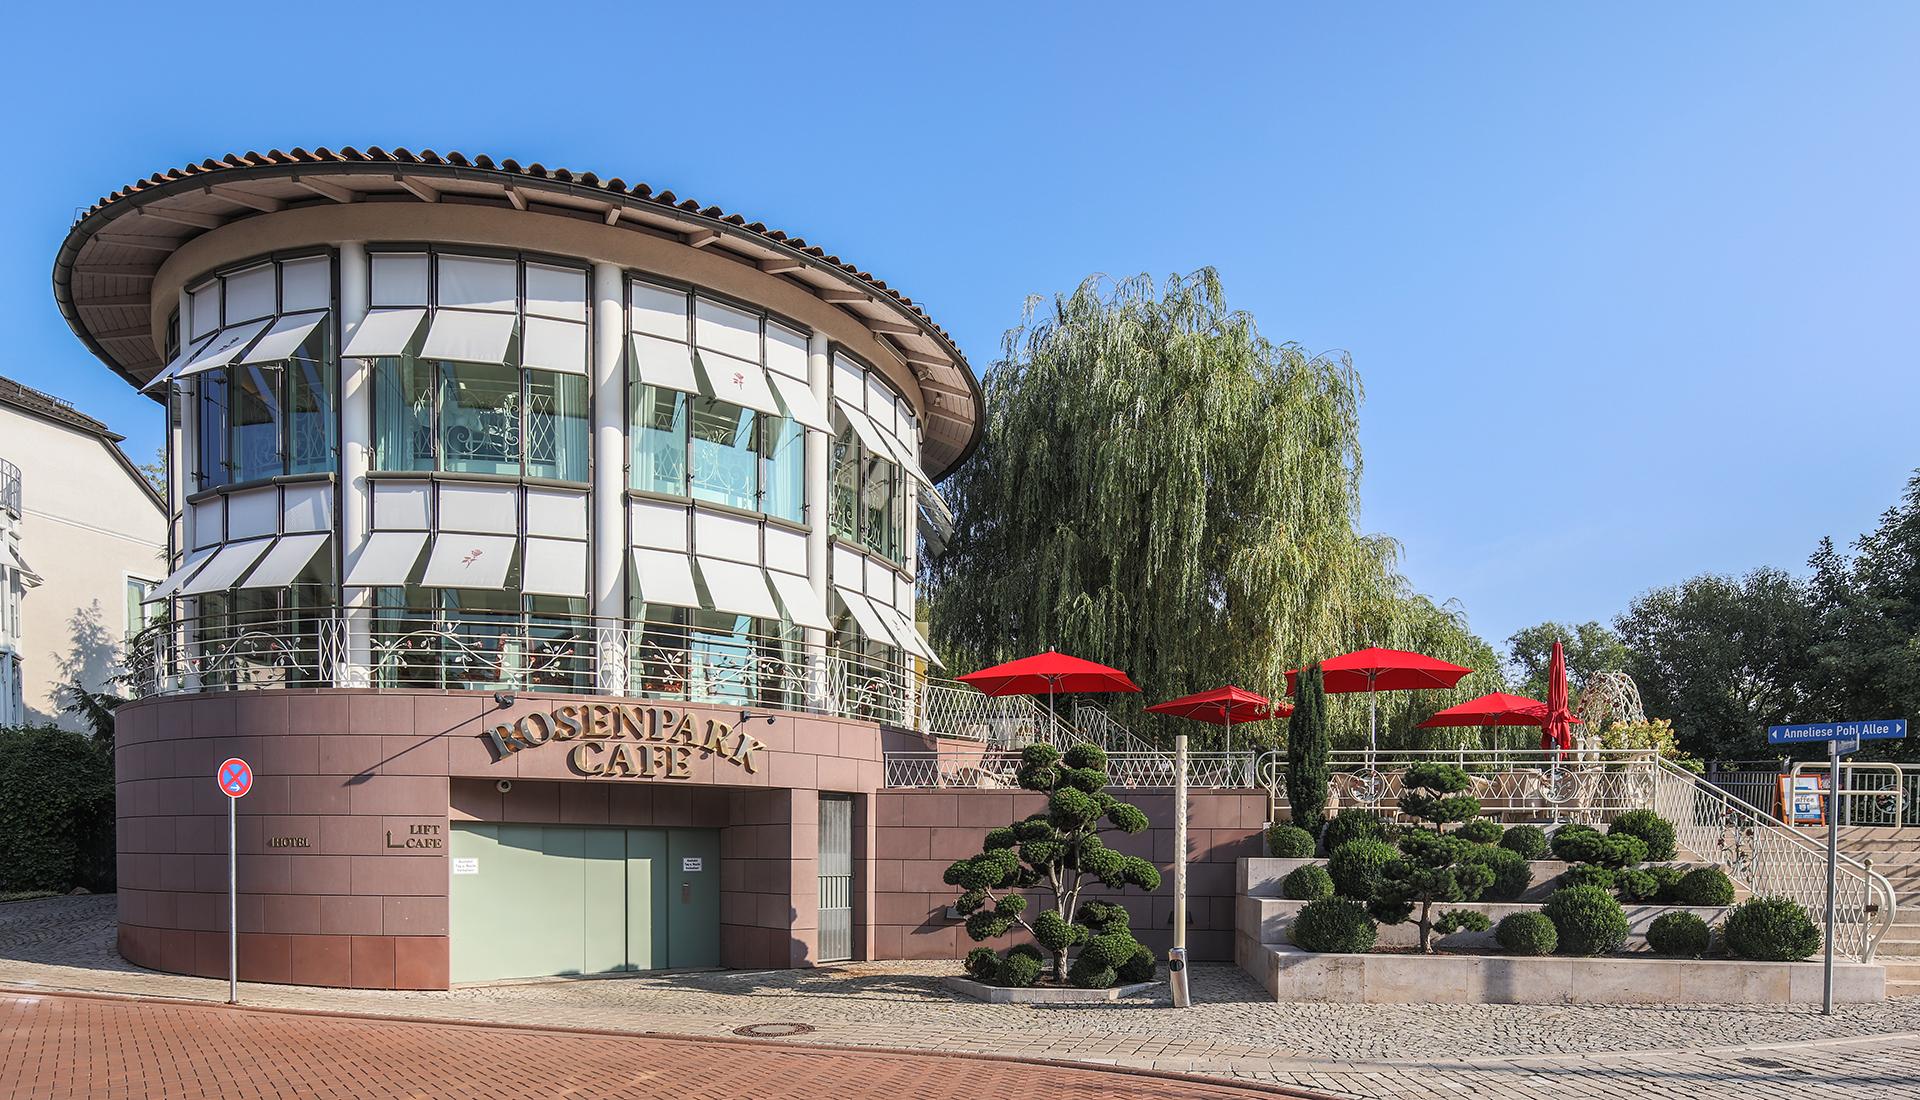 Das Café Rosenpark